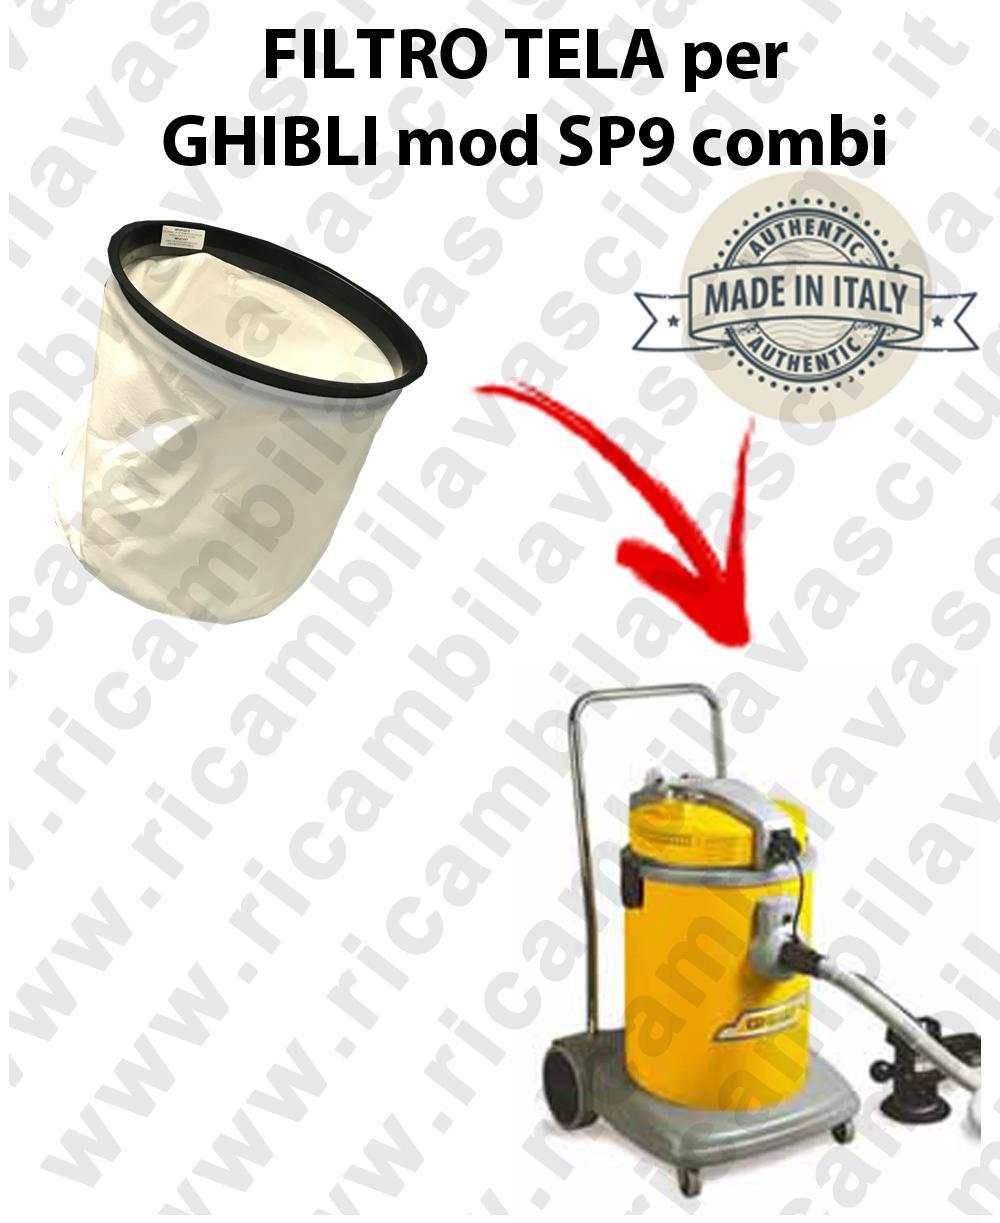 SP9 COMBI Leinwandfilter für Staubsauger GHIBLI